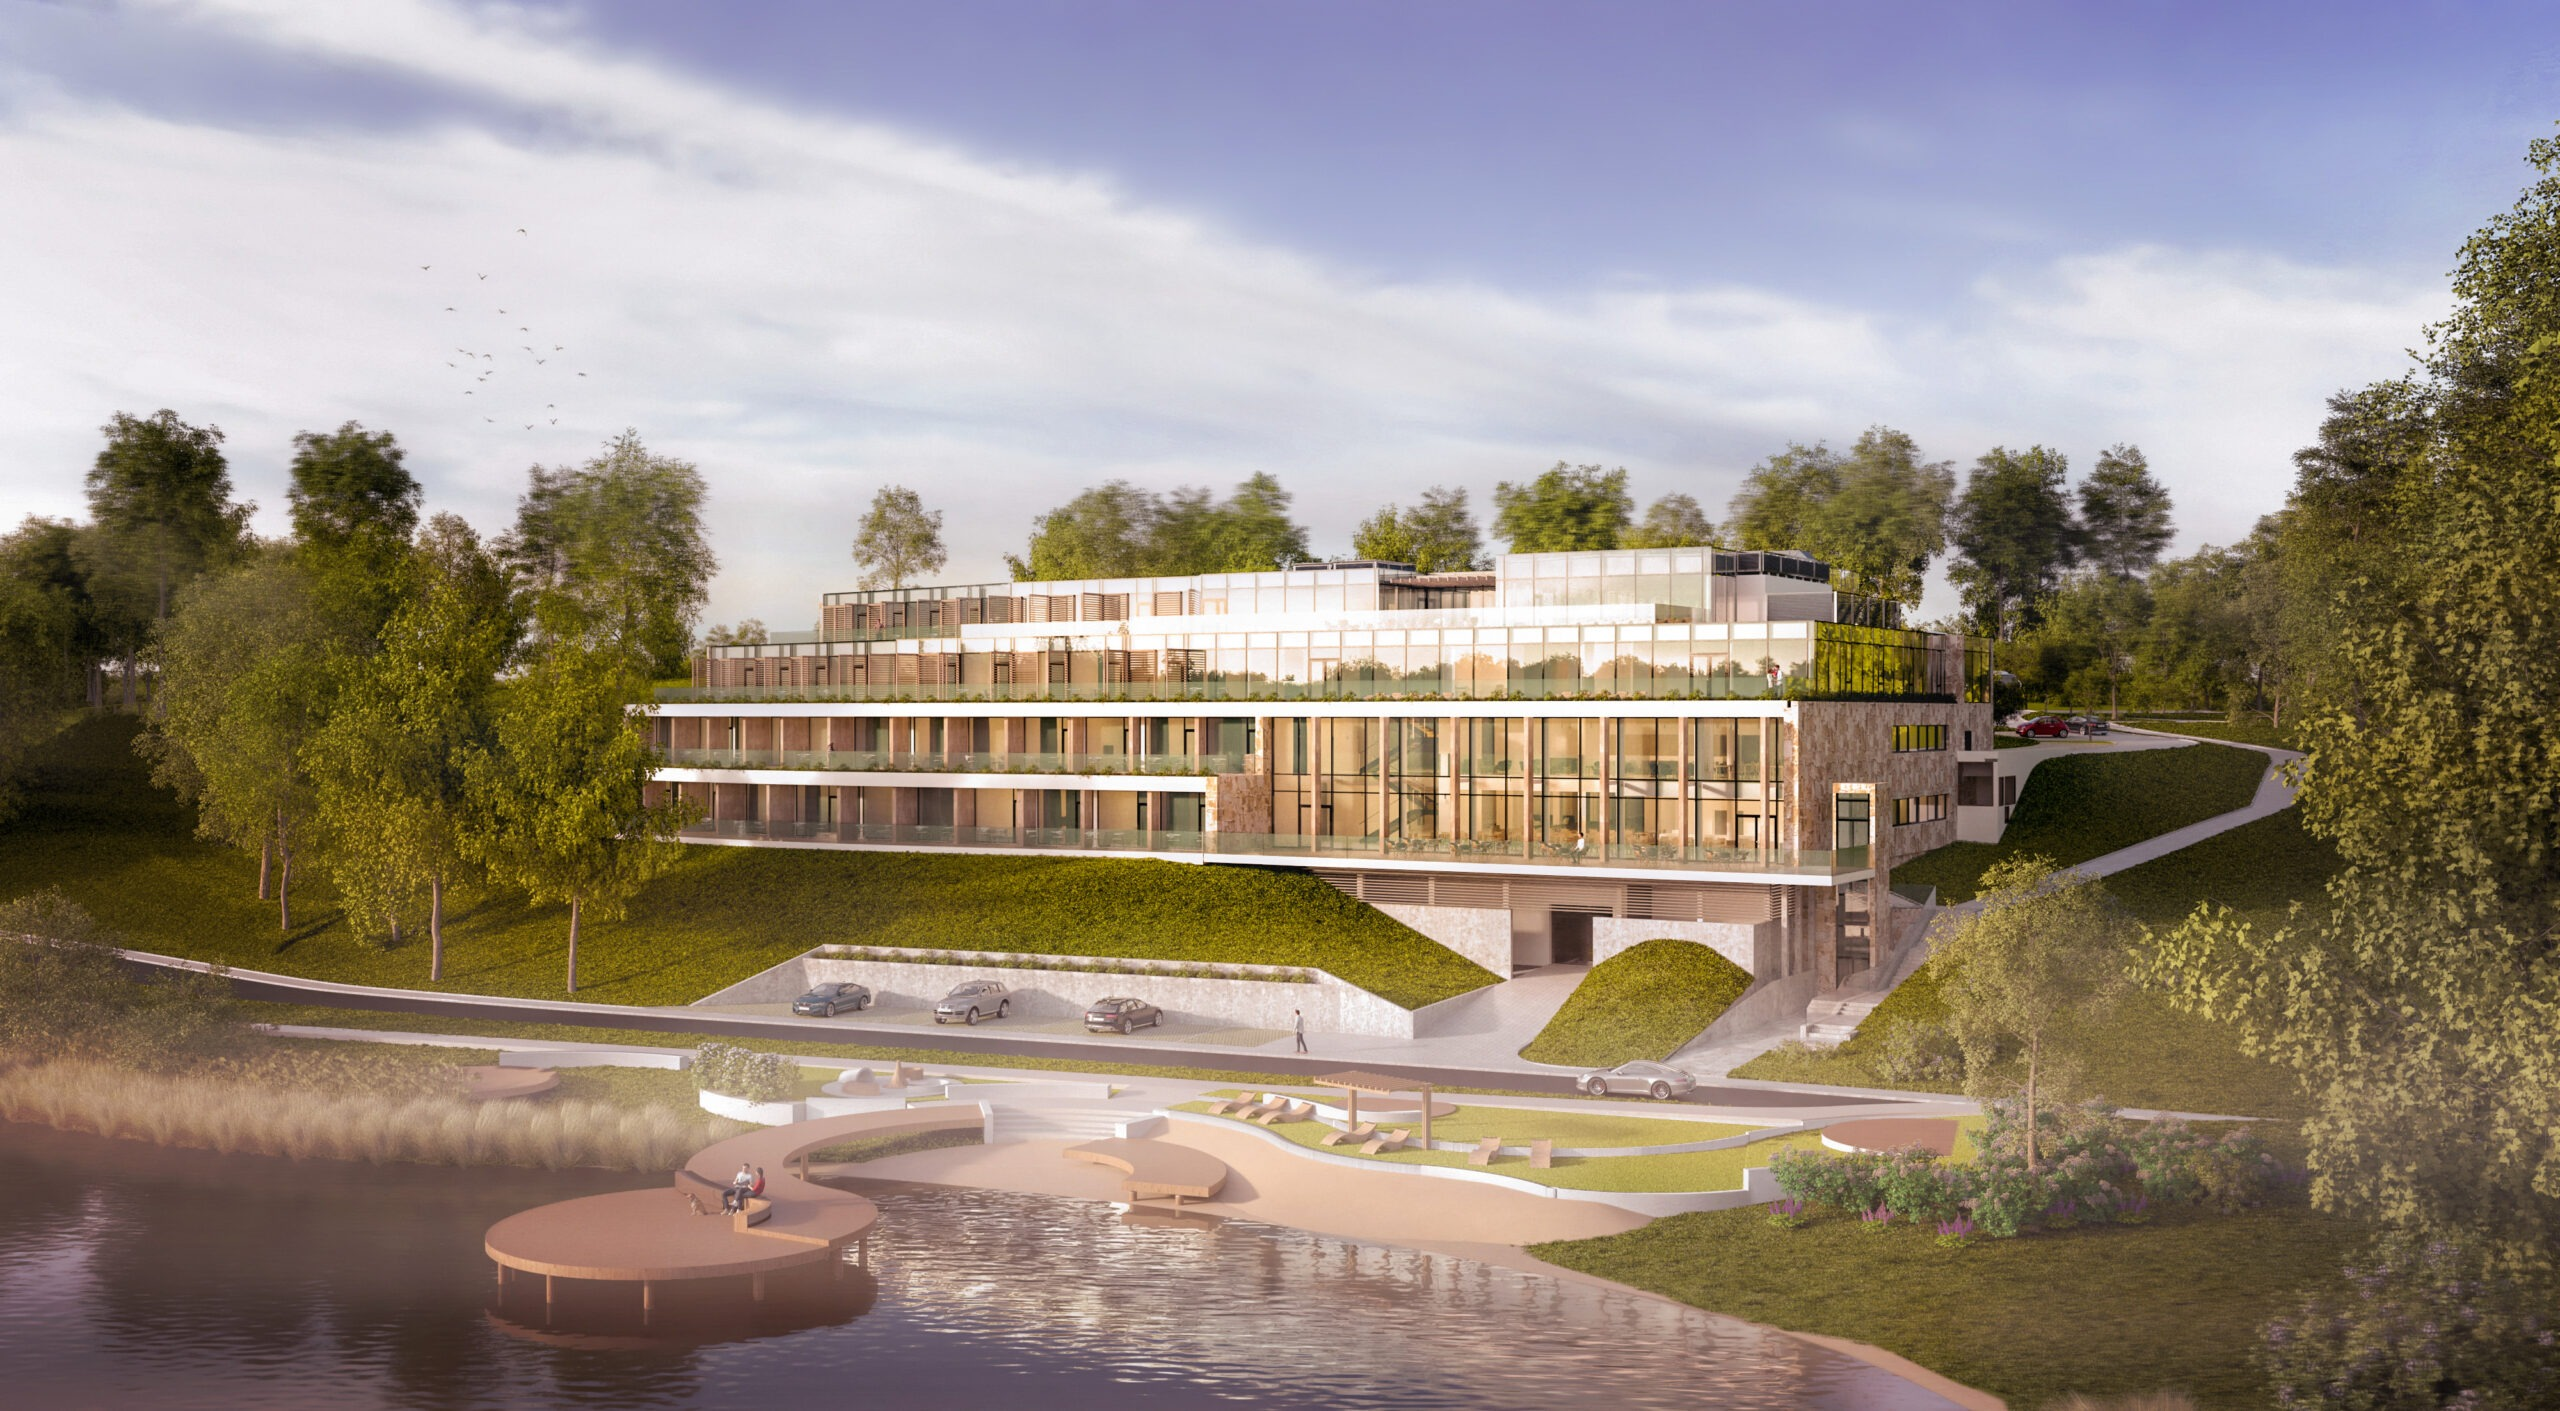 Postępy nabudowie nowoczesnego hotelu wWisełce